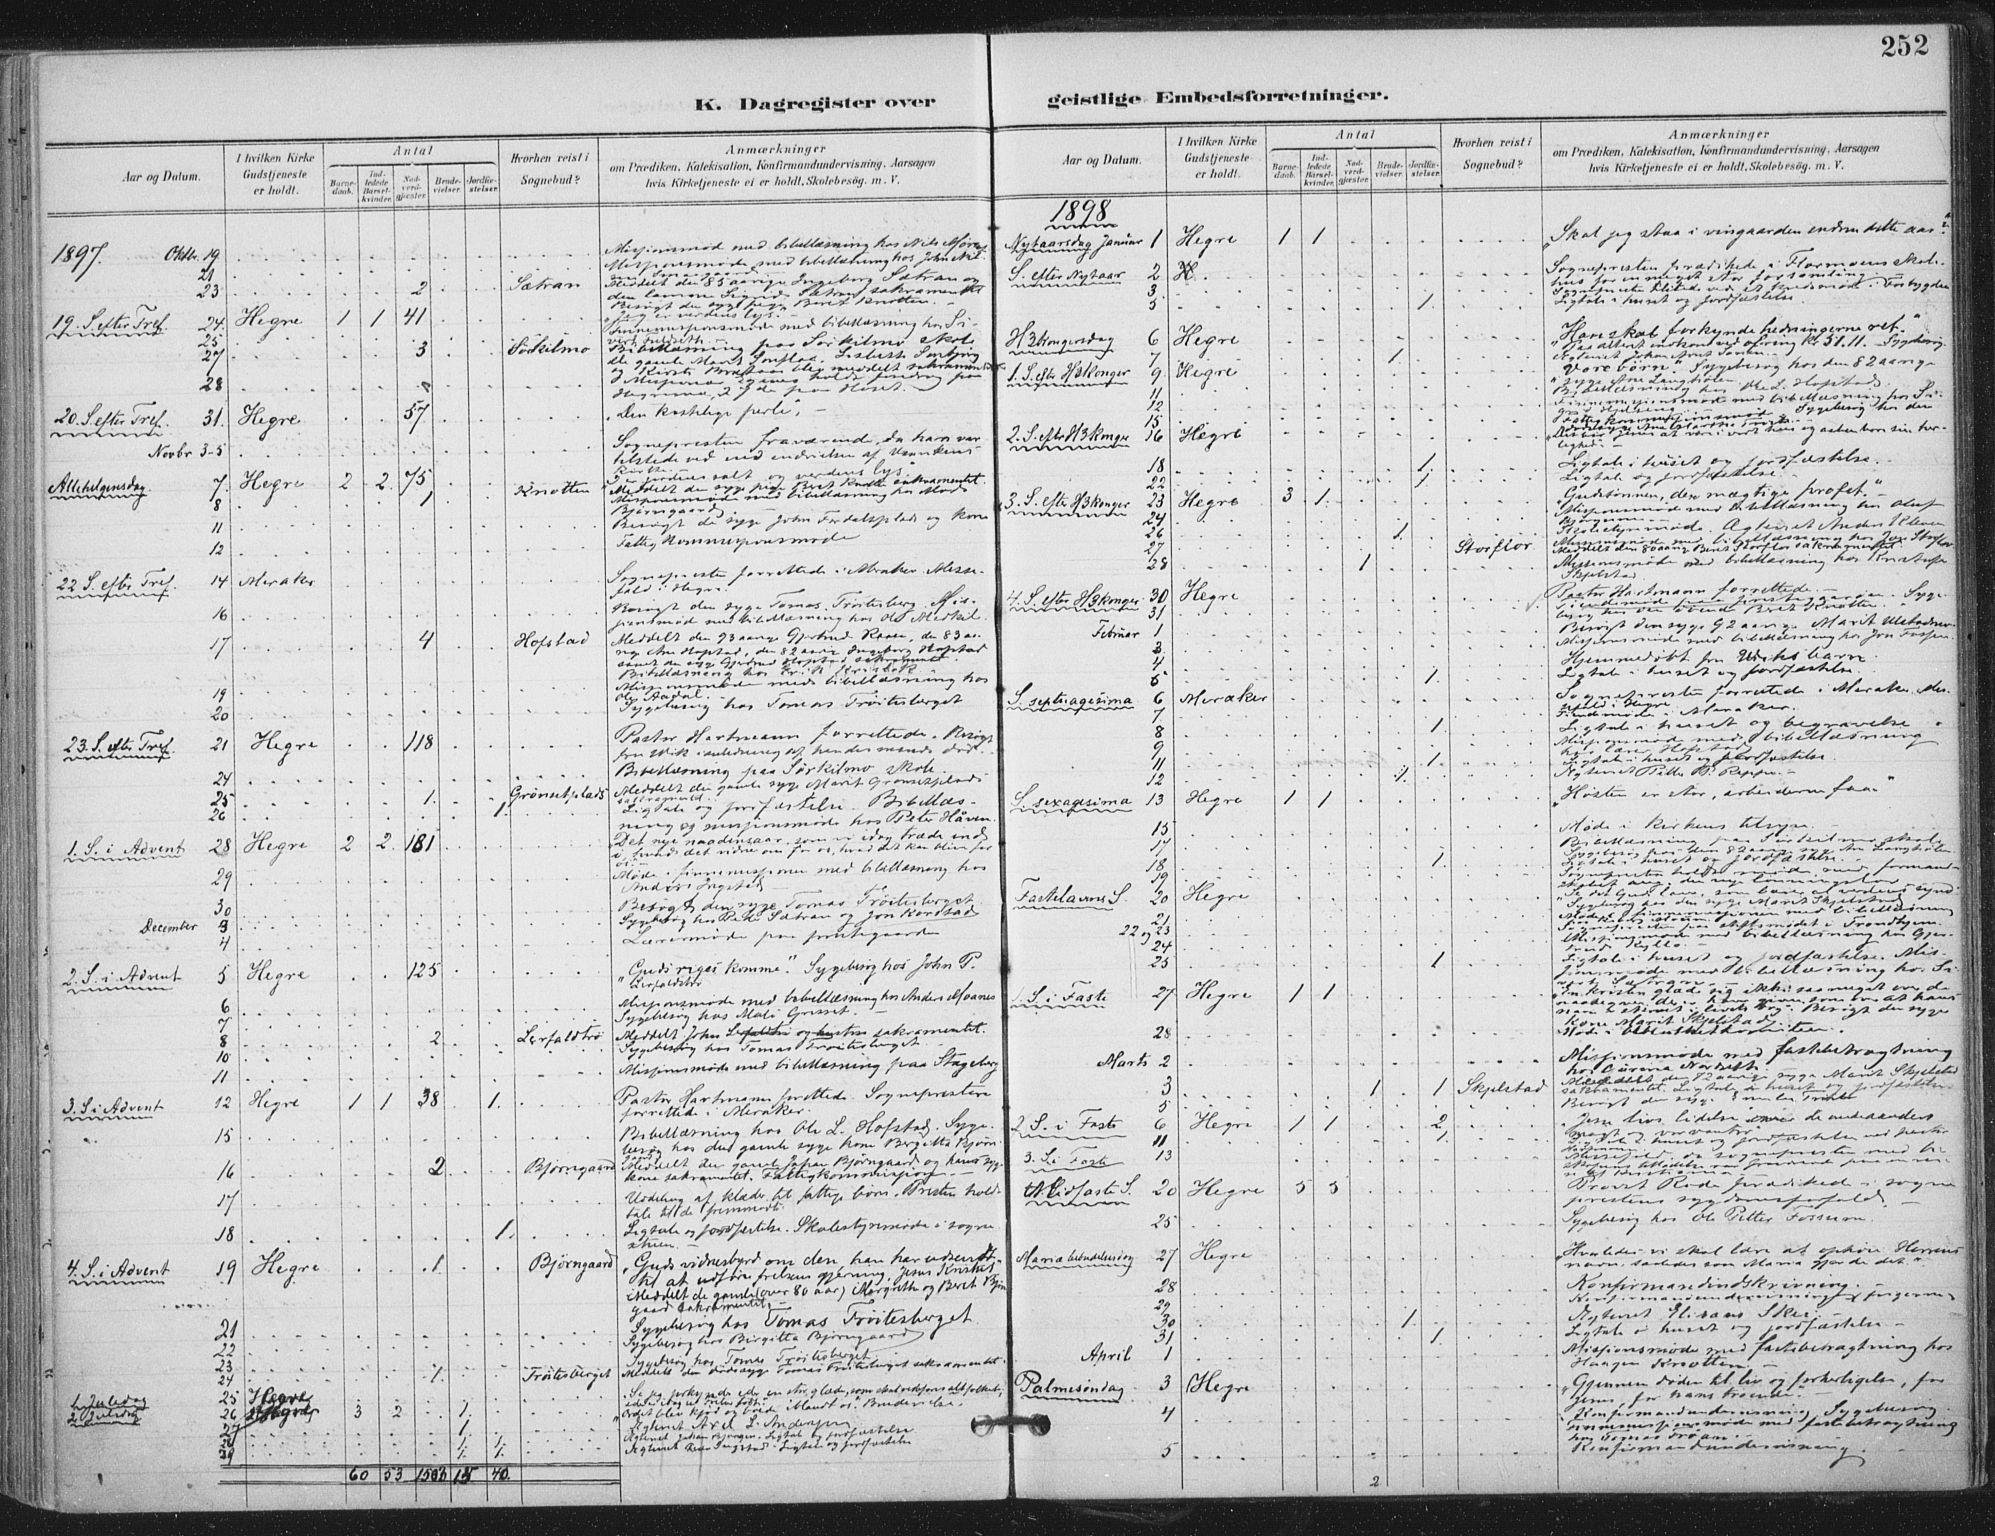 SAT, Ministerialprotokoller, klokkerbøker og fødselsregistre - Nord-Trøndelag, 703/L0031: Ministerialbok nr. 703A04, 1893-1914, s. 252